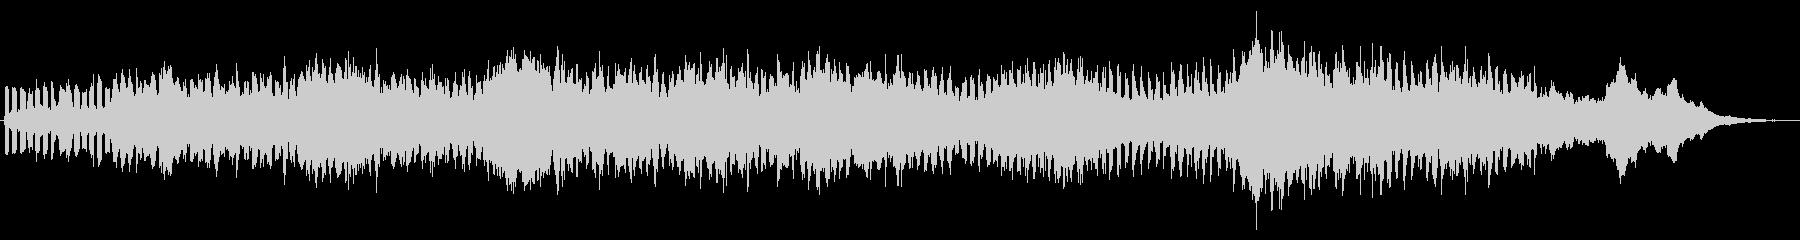 シンセパッドによる幻想的なジングル2の未再生の波形